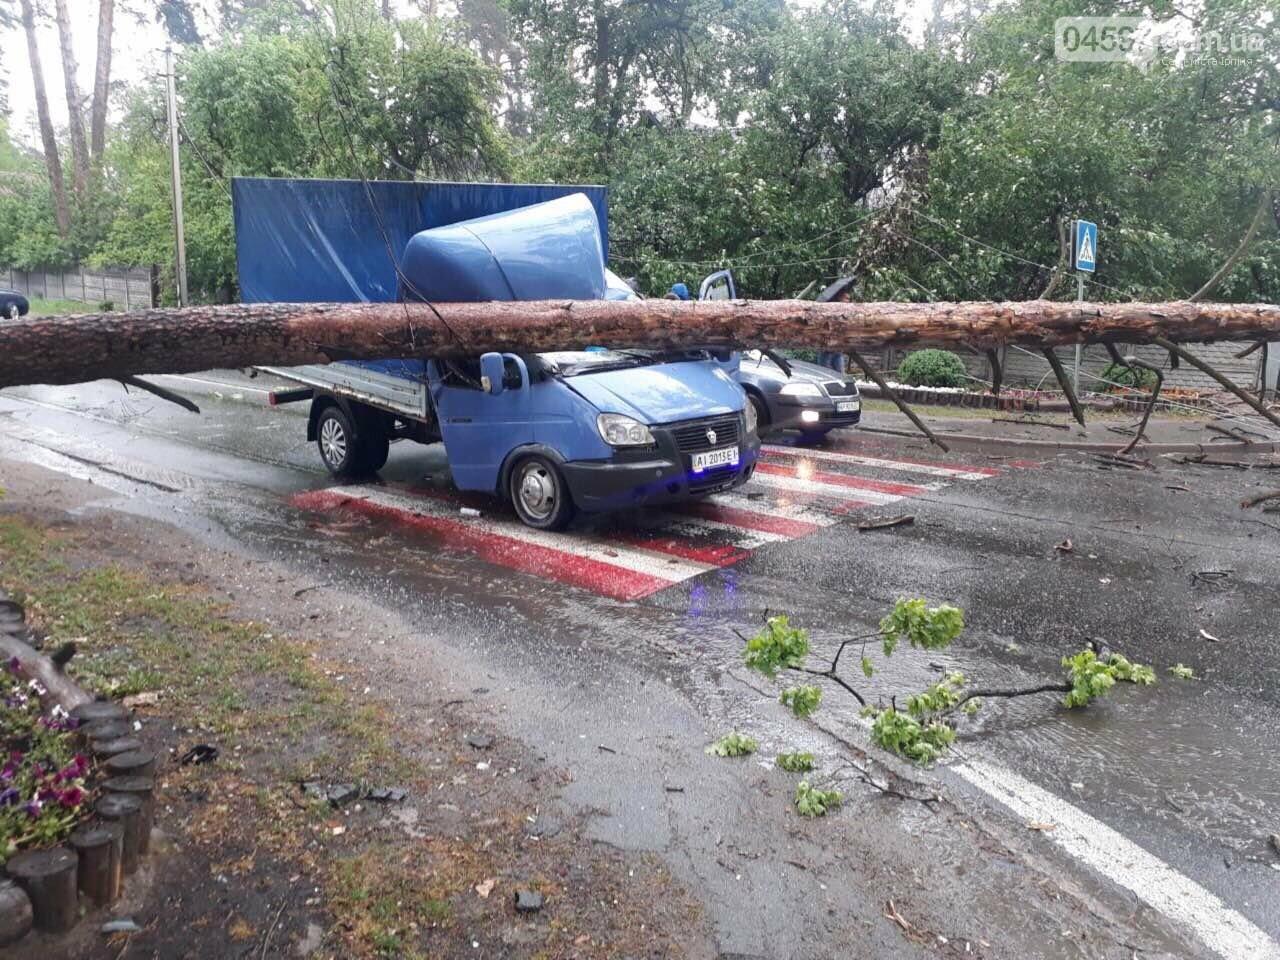 Повалені дерева, обірвані електродроти: як пройшли вихідні в регіоні, фото-1